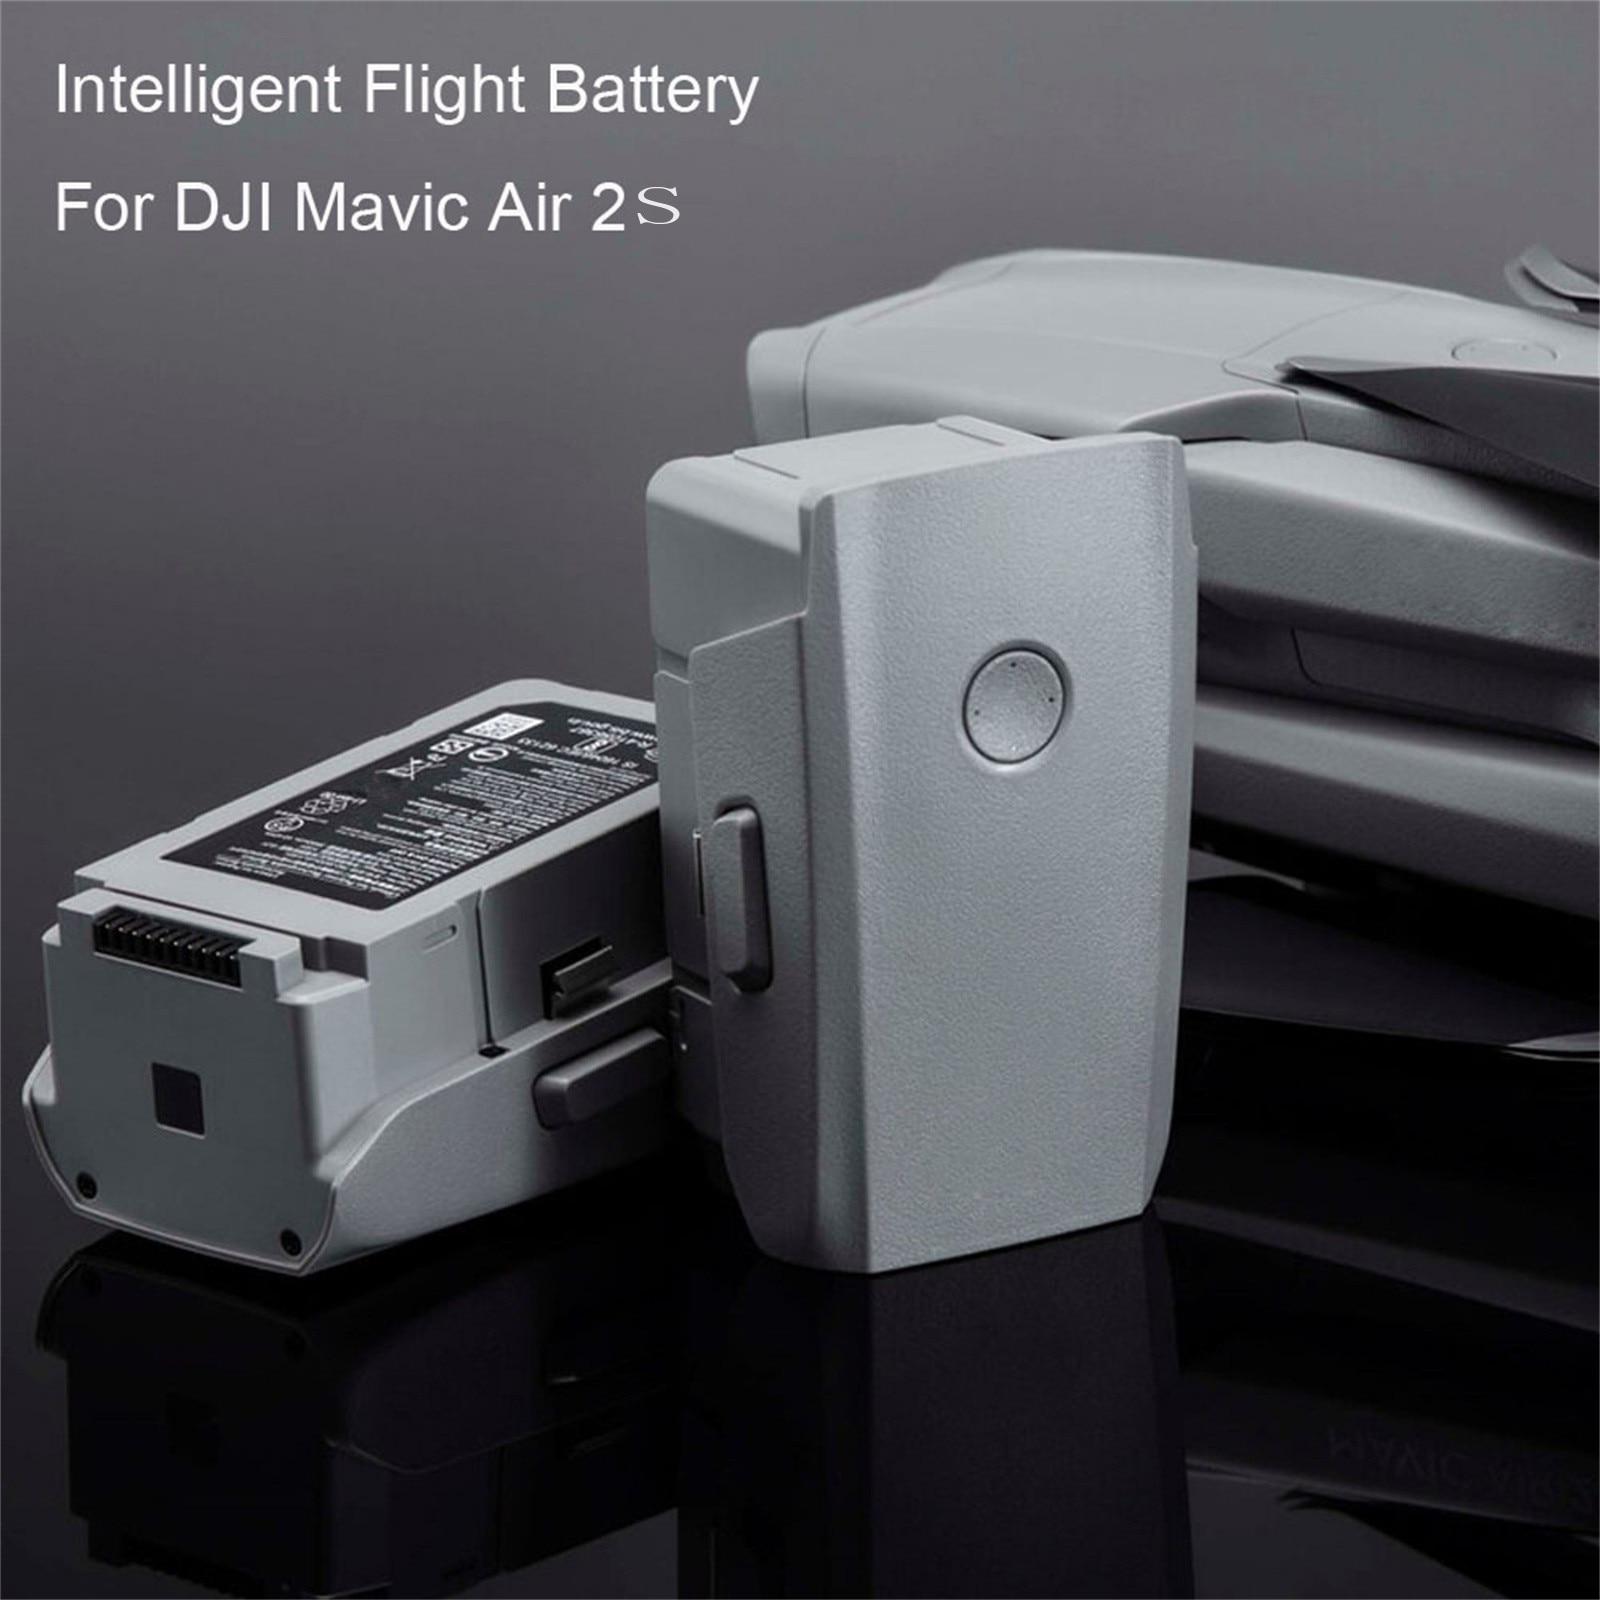 Original Dji Mavic Air 2s Accessories 3500mah Intelligent Flight Battery/two-way Charging Hub For Dji Mini 2s Drone Fly Kits #Z